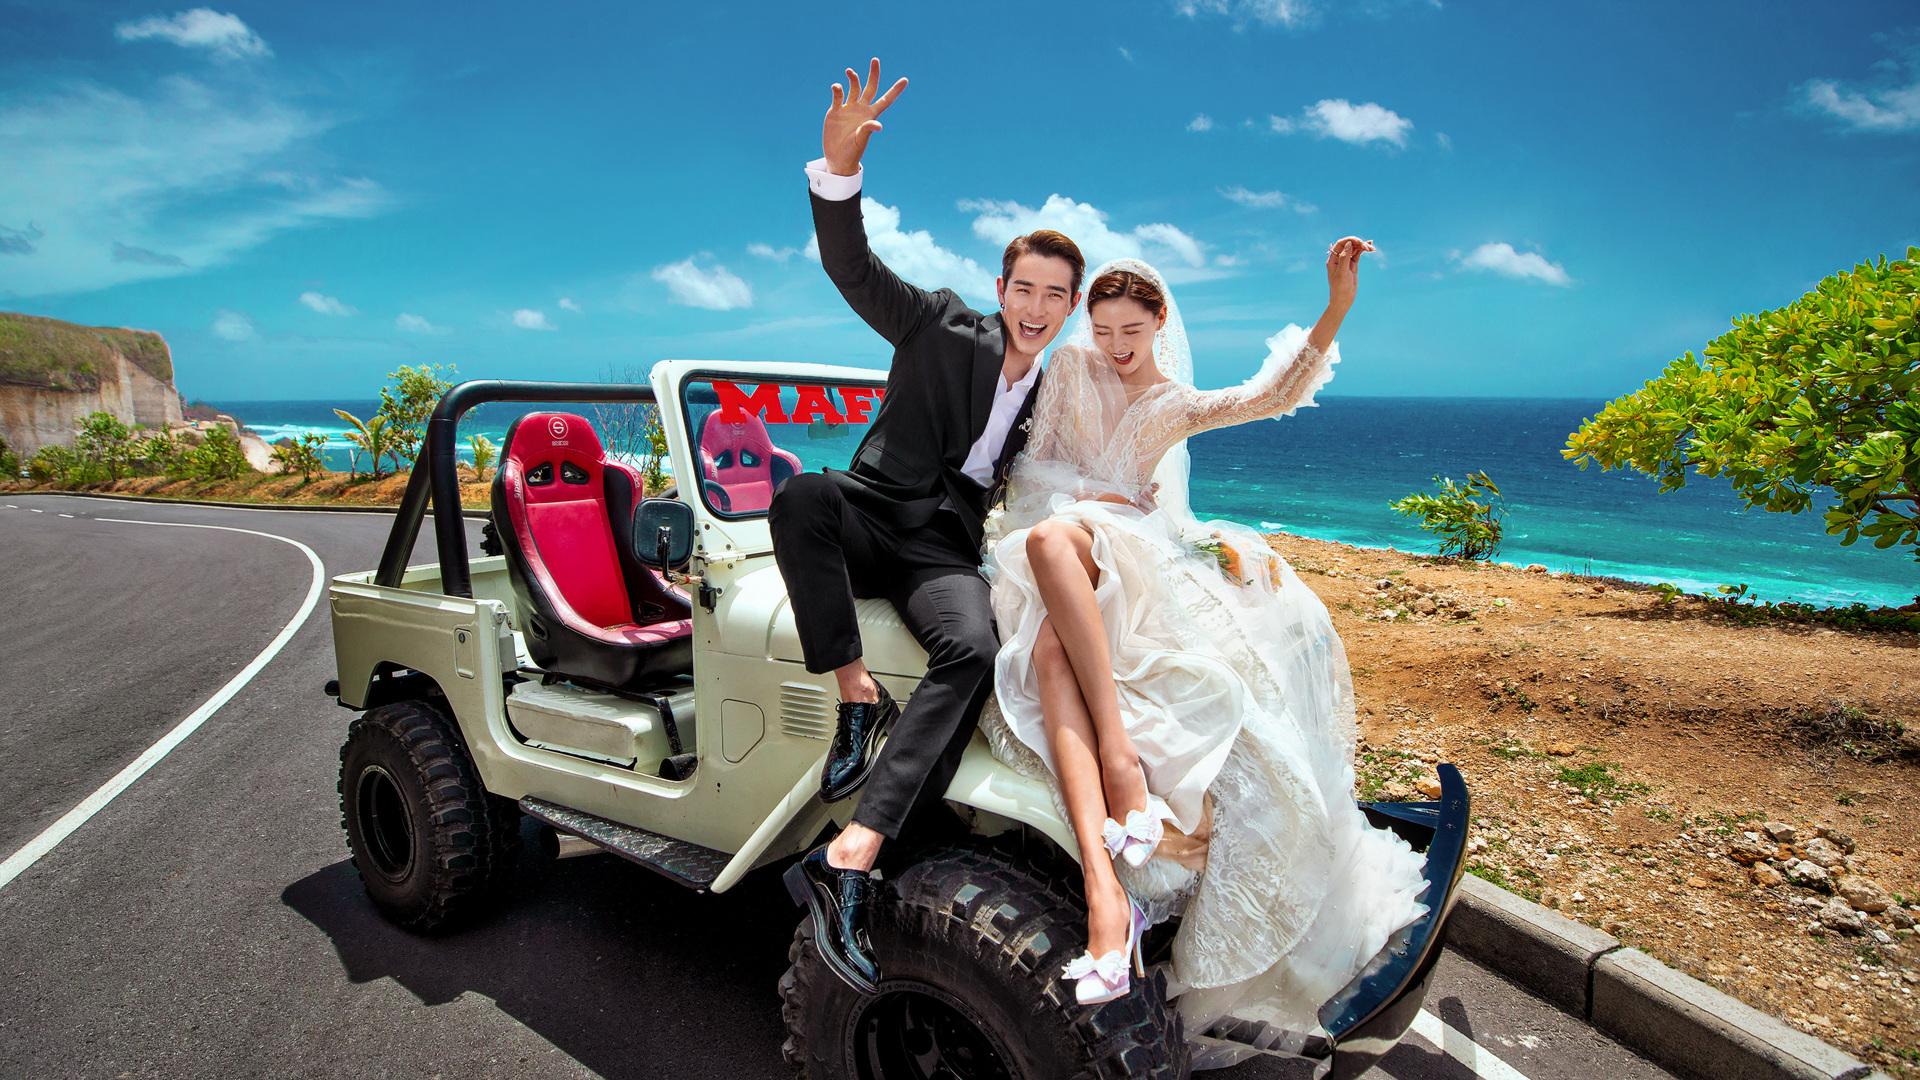 厦门鼓浪屿婚纱照哪家拍好?几月份去合适?